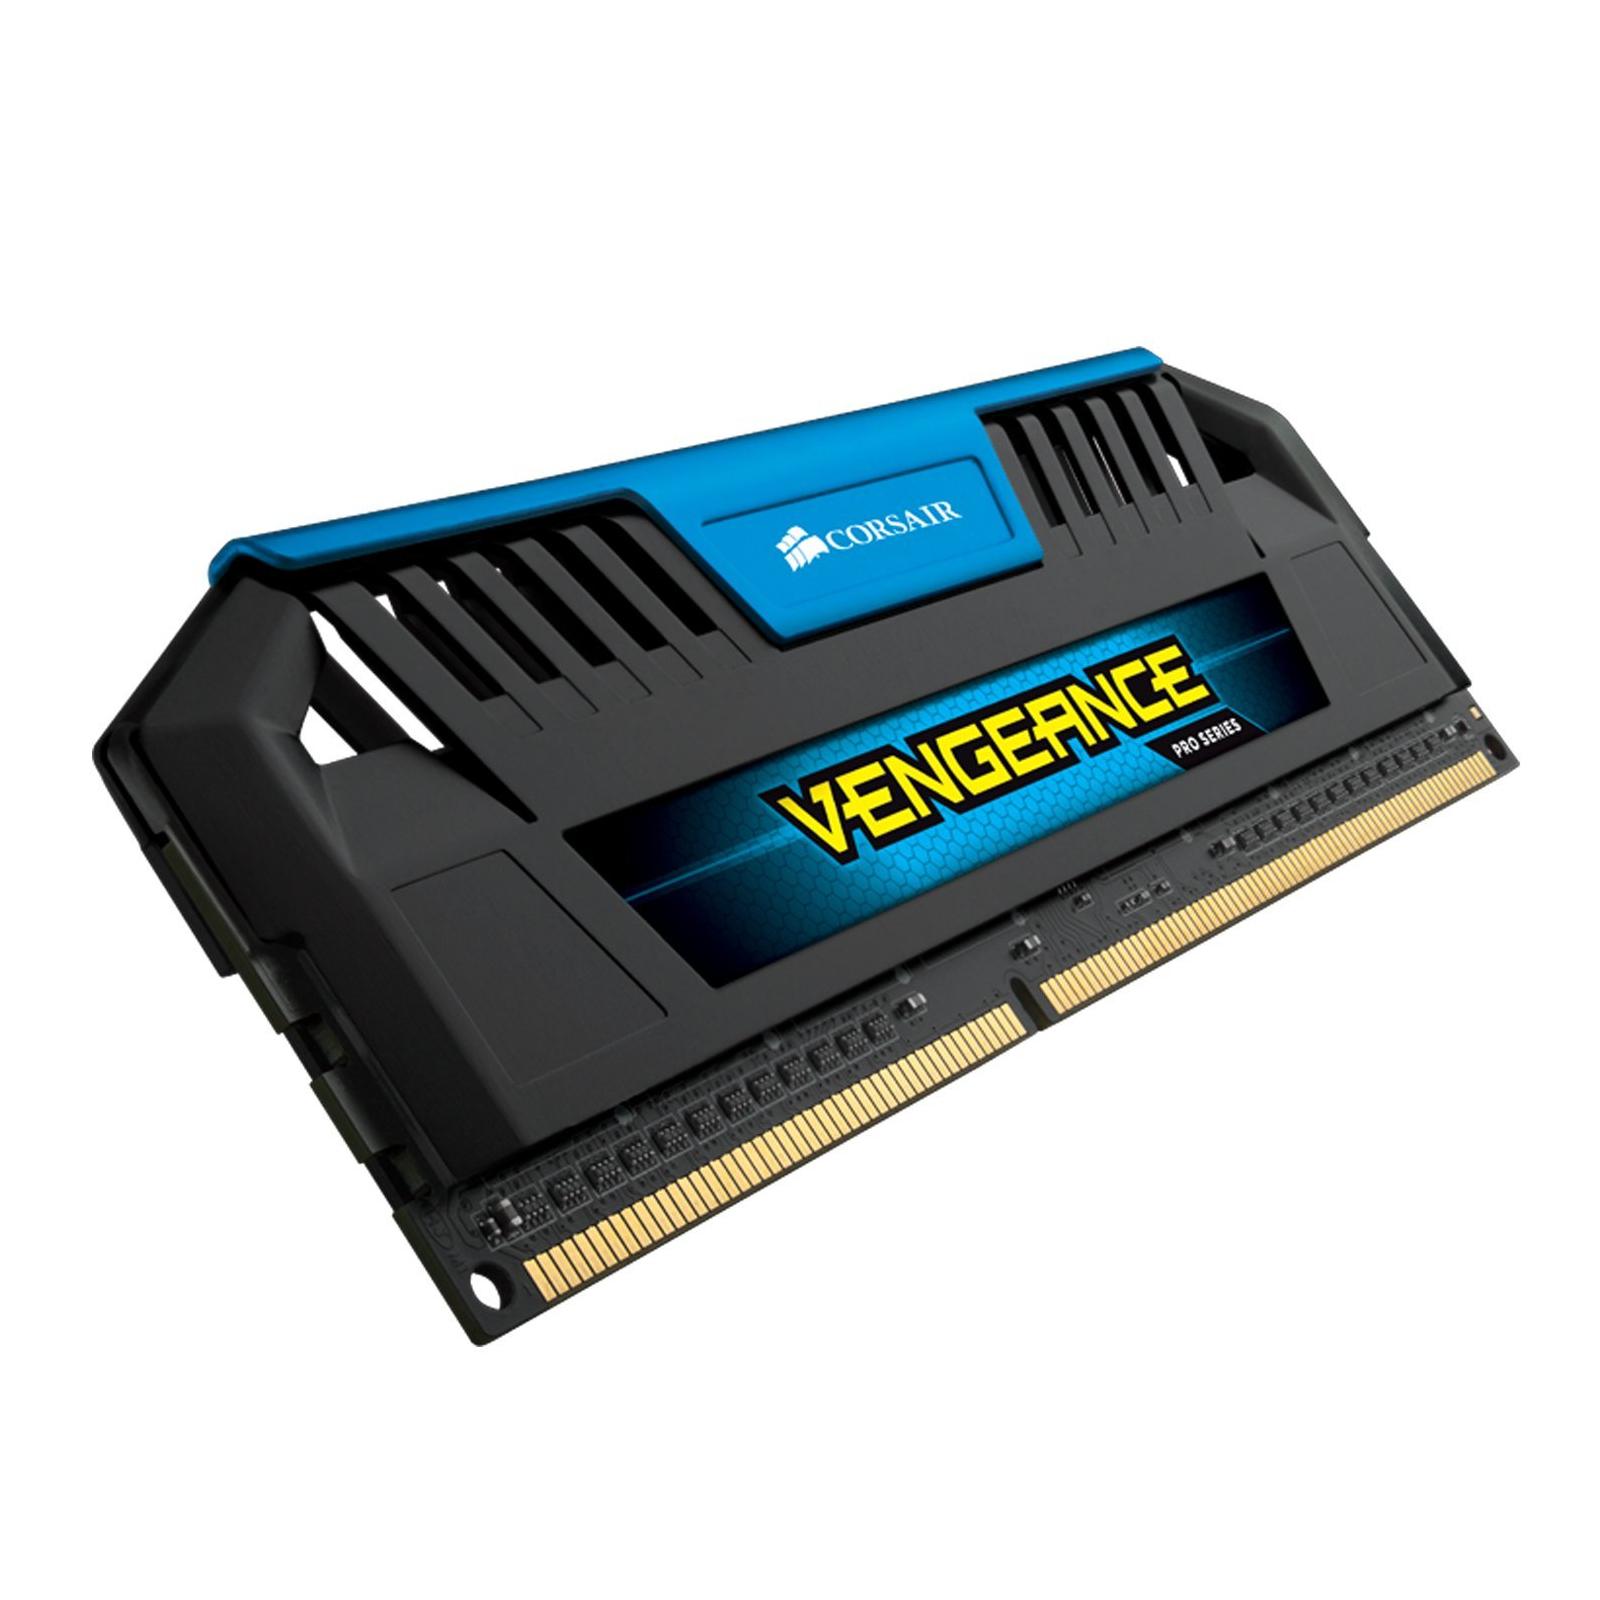 Модуль памяти для компьютера DDR3 8GB (2x4GB) 1866 MHz CORSAIR (CMY8GX3M2A1866C9B) изображение 3